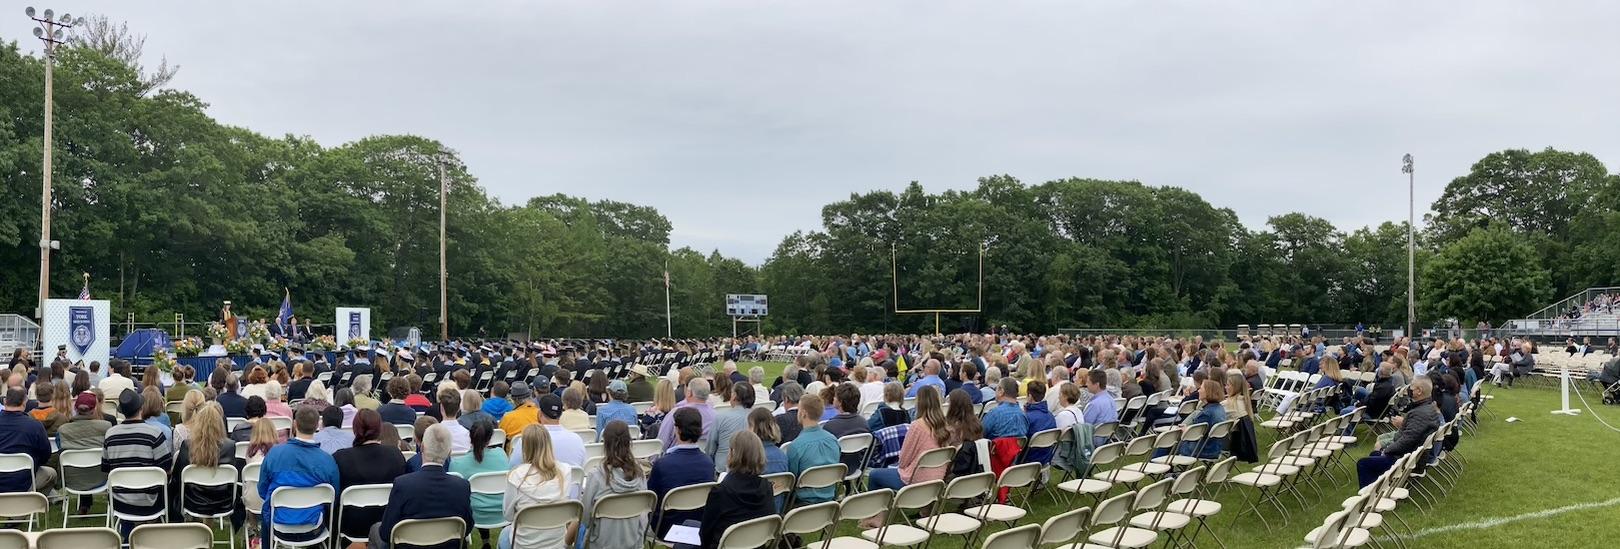 York High School Graduation AV Services